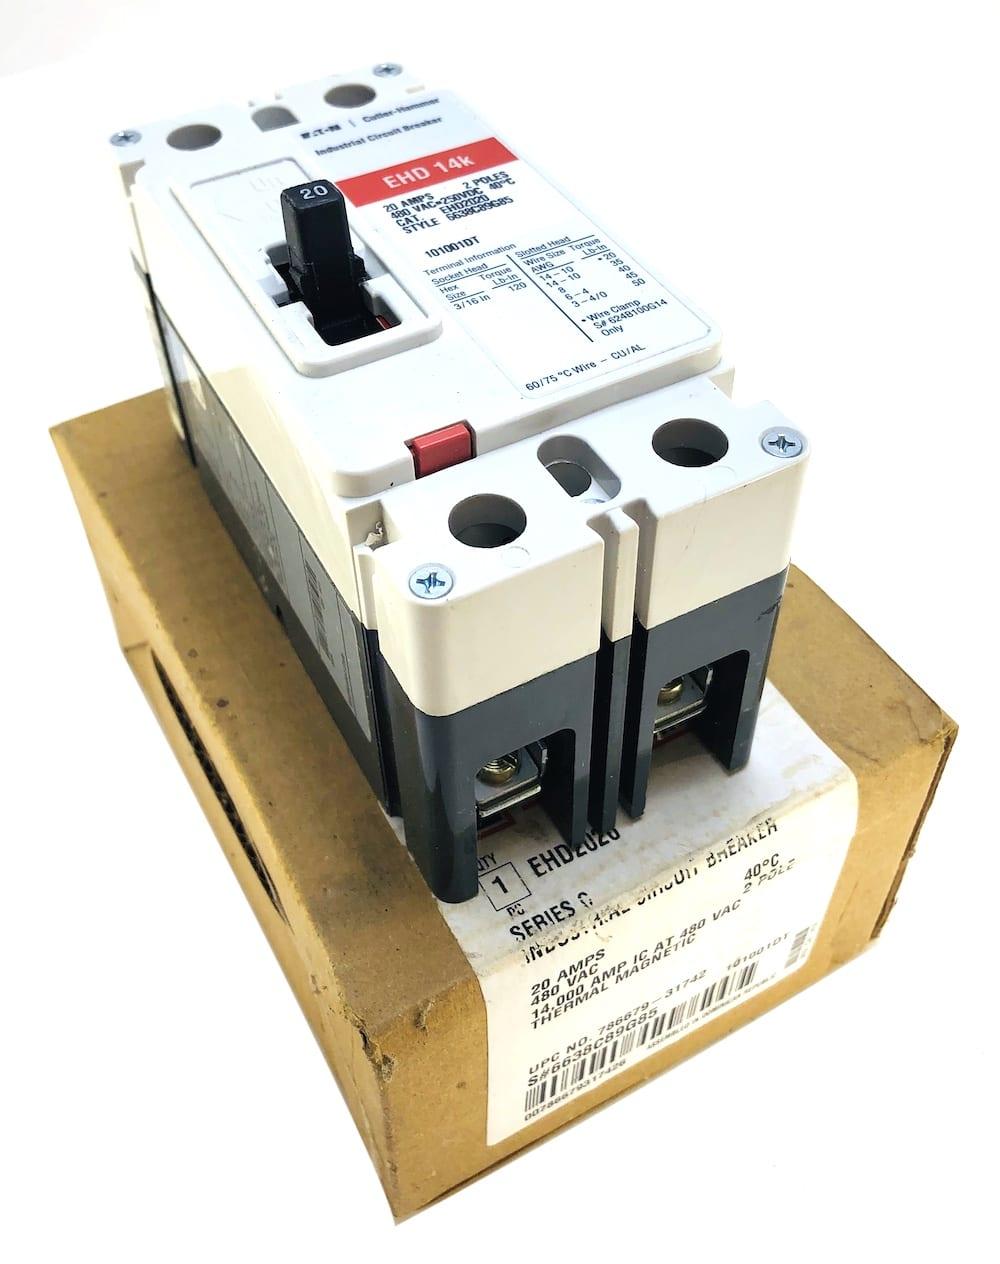 Eaton Cutler Hammer EHD2020-NIB